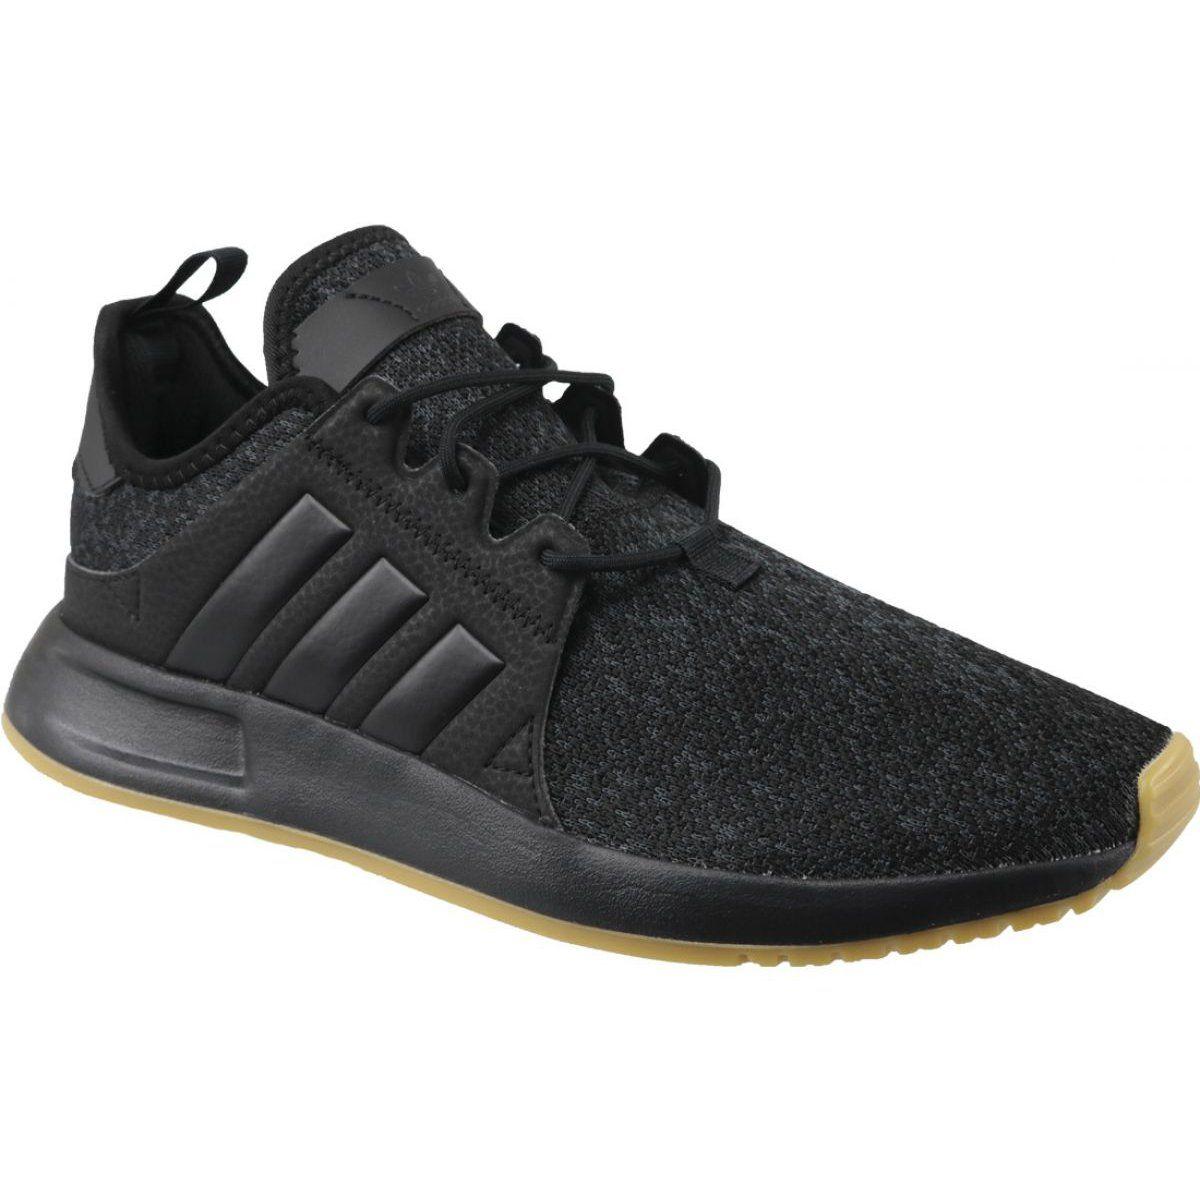 Buty adidas X_PLR M B37438 czarne   Buty adidas, Buty i Adidas